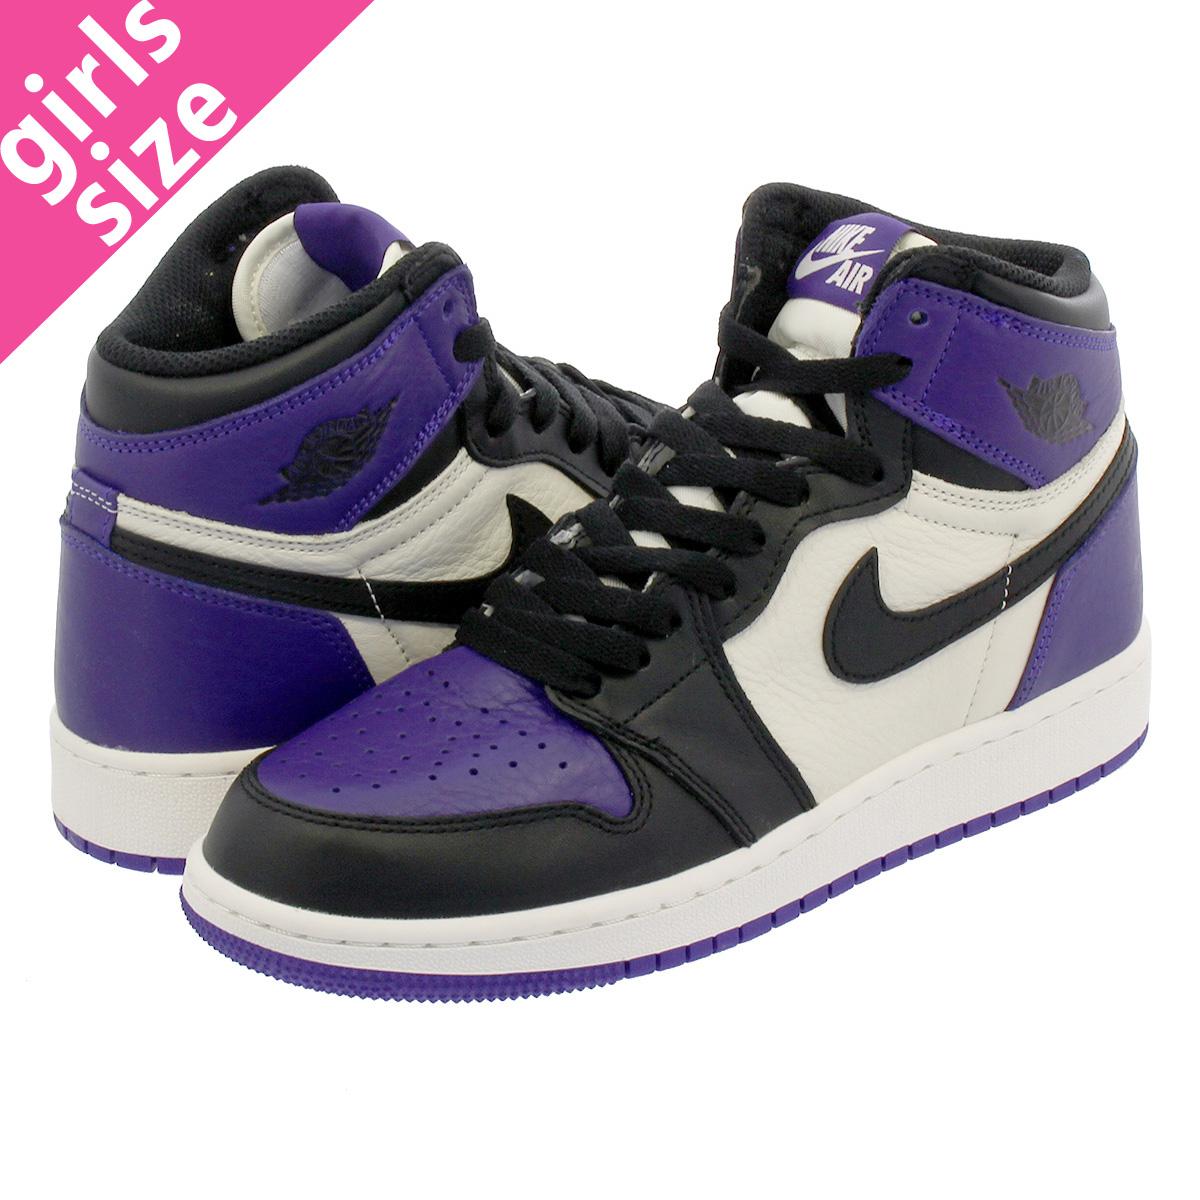 59bafa5101c NIKE AIR JORDAN 1 RETRO HIGH OG BG Nike Air Jordan 1 nostalgic high OG BG  COURT PURPLE BLACK SAIL 575